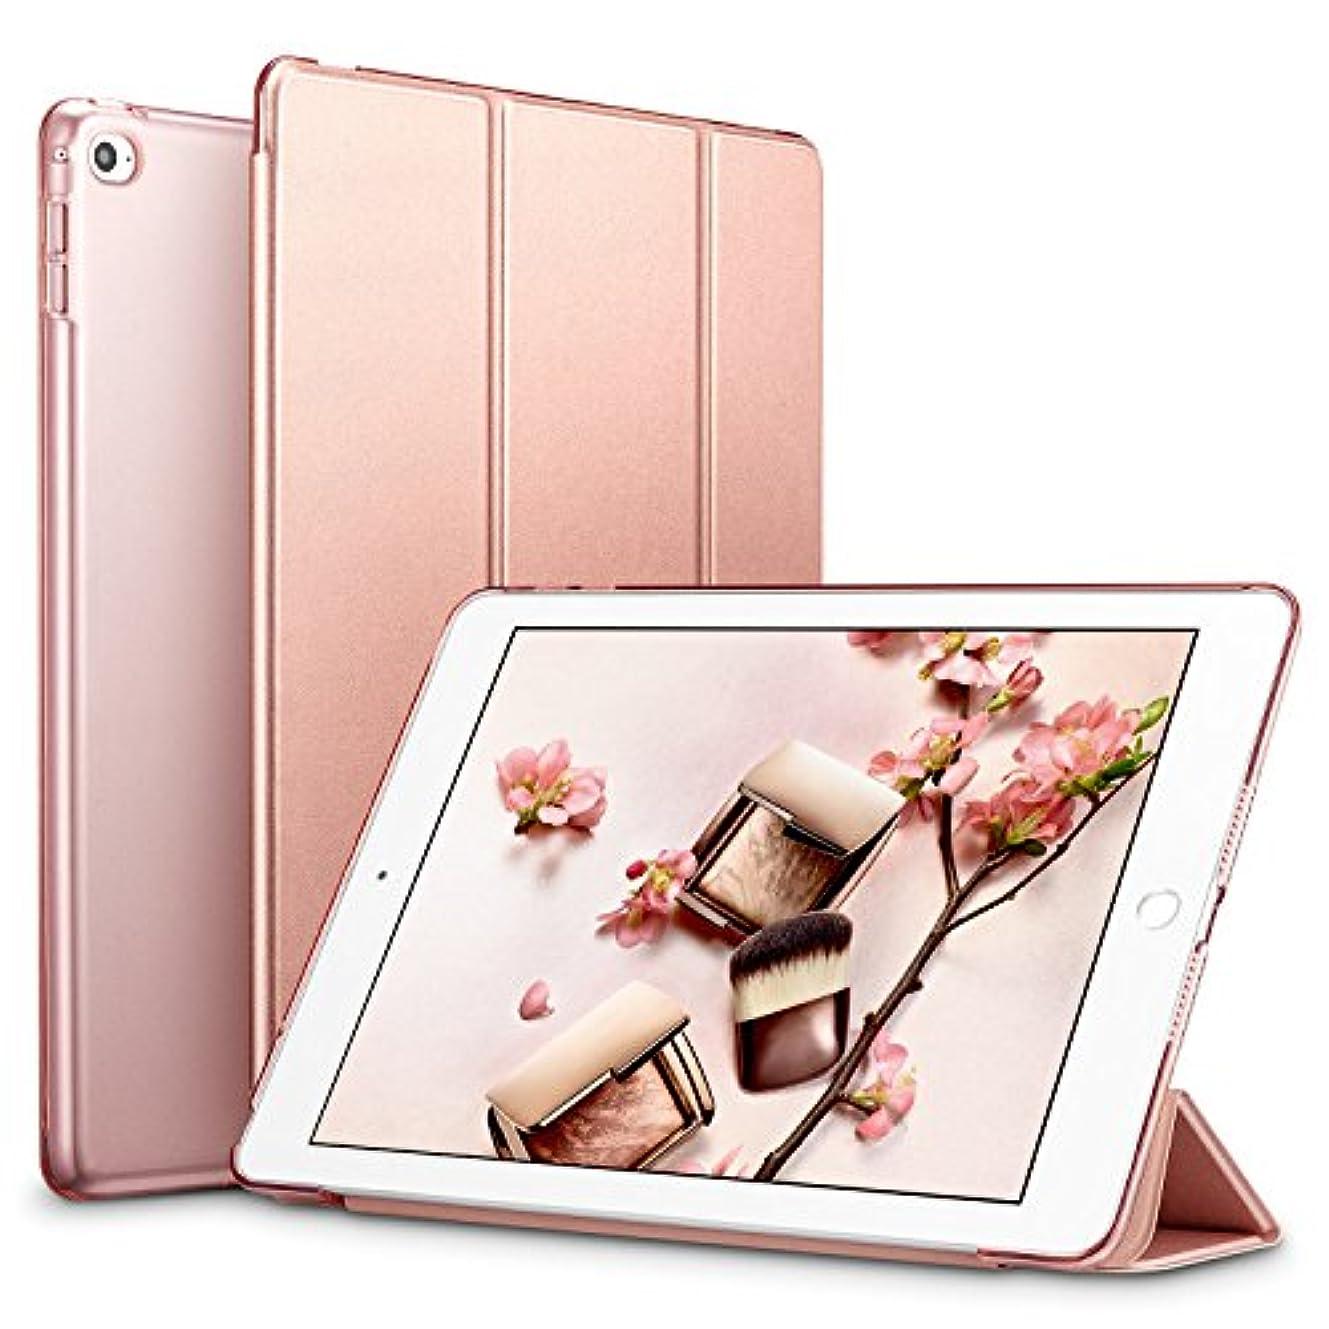 アマチュア突撃野菜ESR iPad Mini4 ケース クリア iPad Mini4 カバー レザー PU スタンド機能 スリム傷つけ防止 オートスリープ ハード三つ折タイプ iPad Mini4(第四世代) 専用スマートカバー(ローズゴールド)